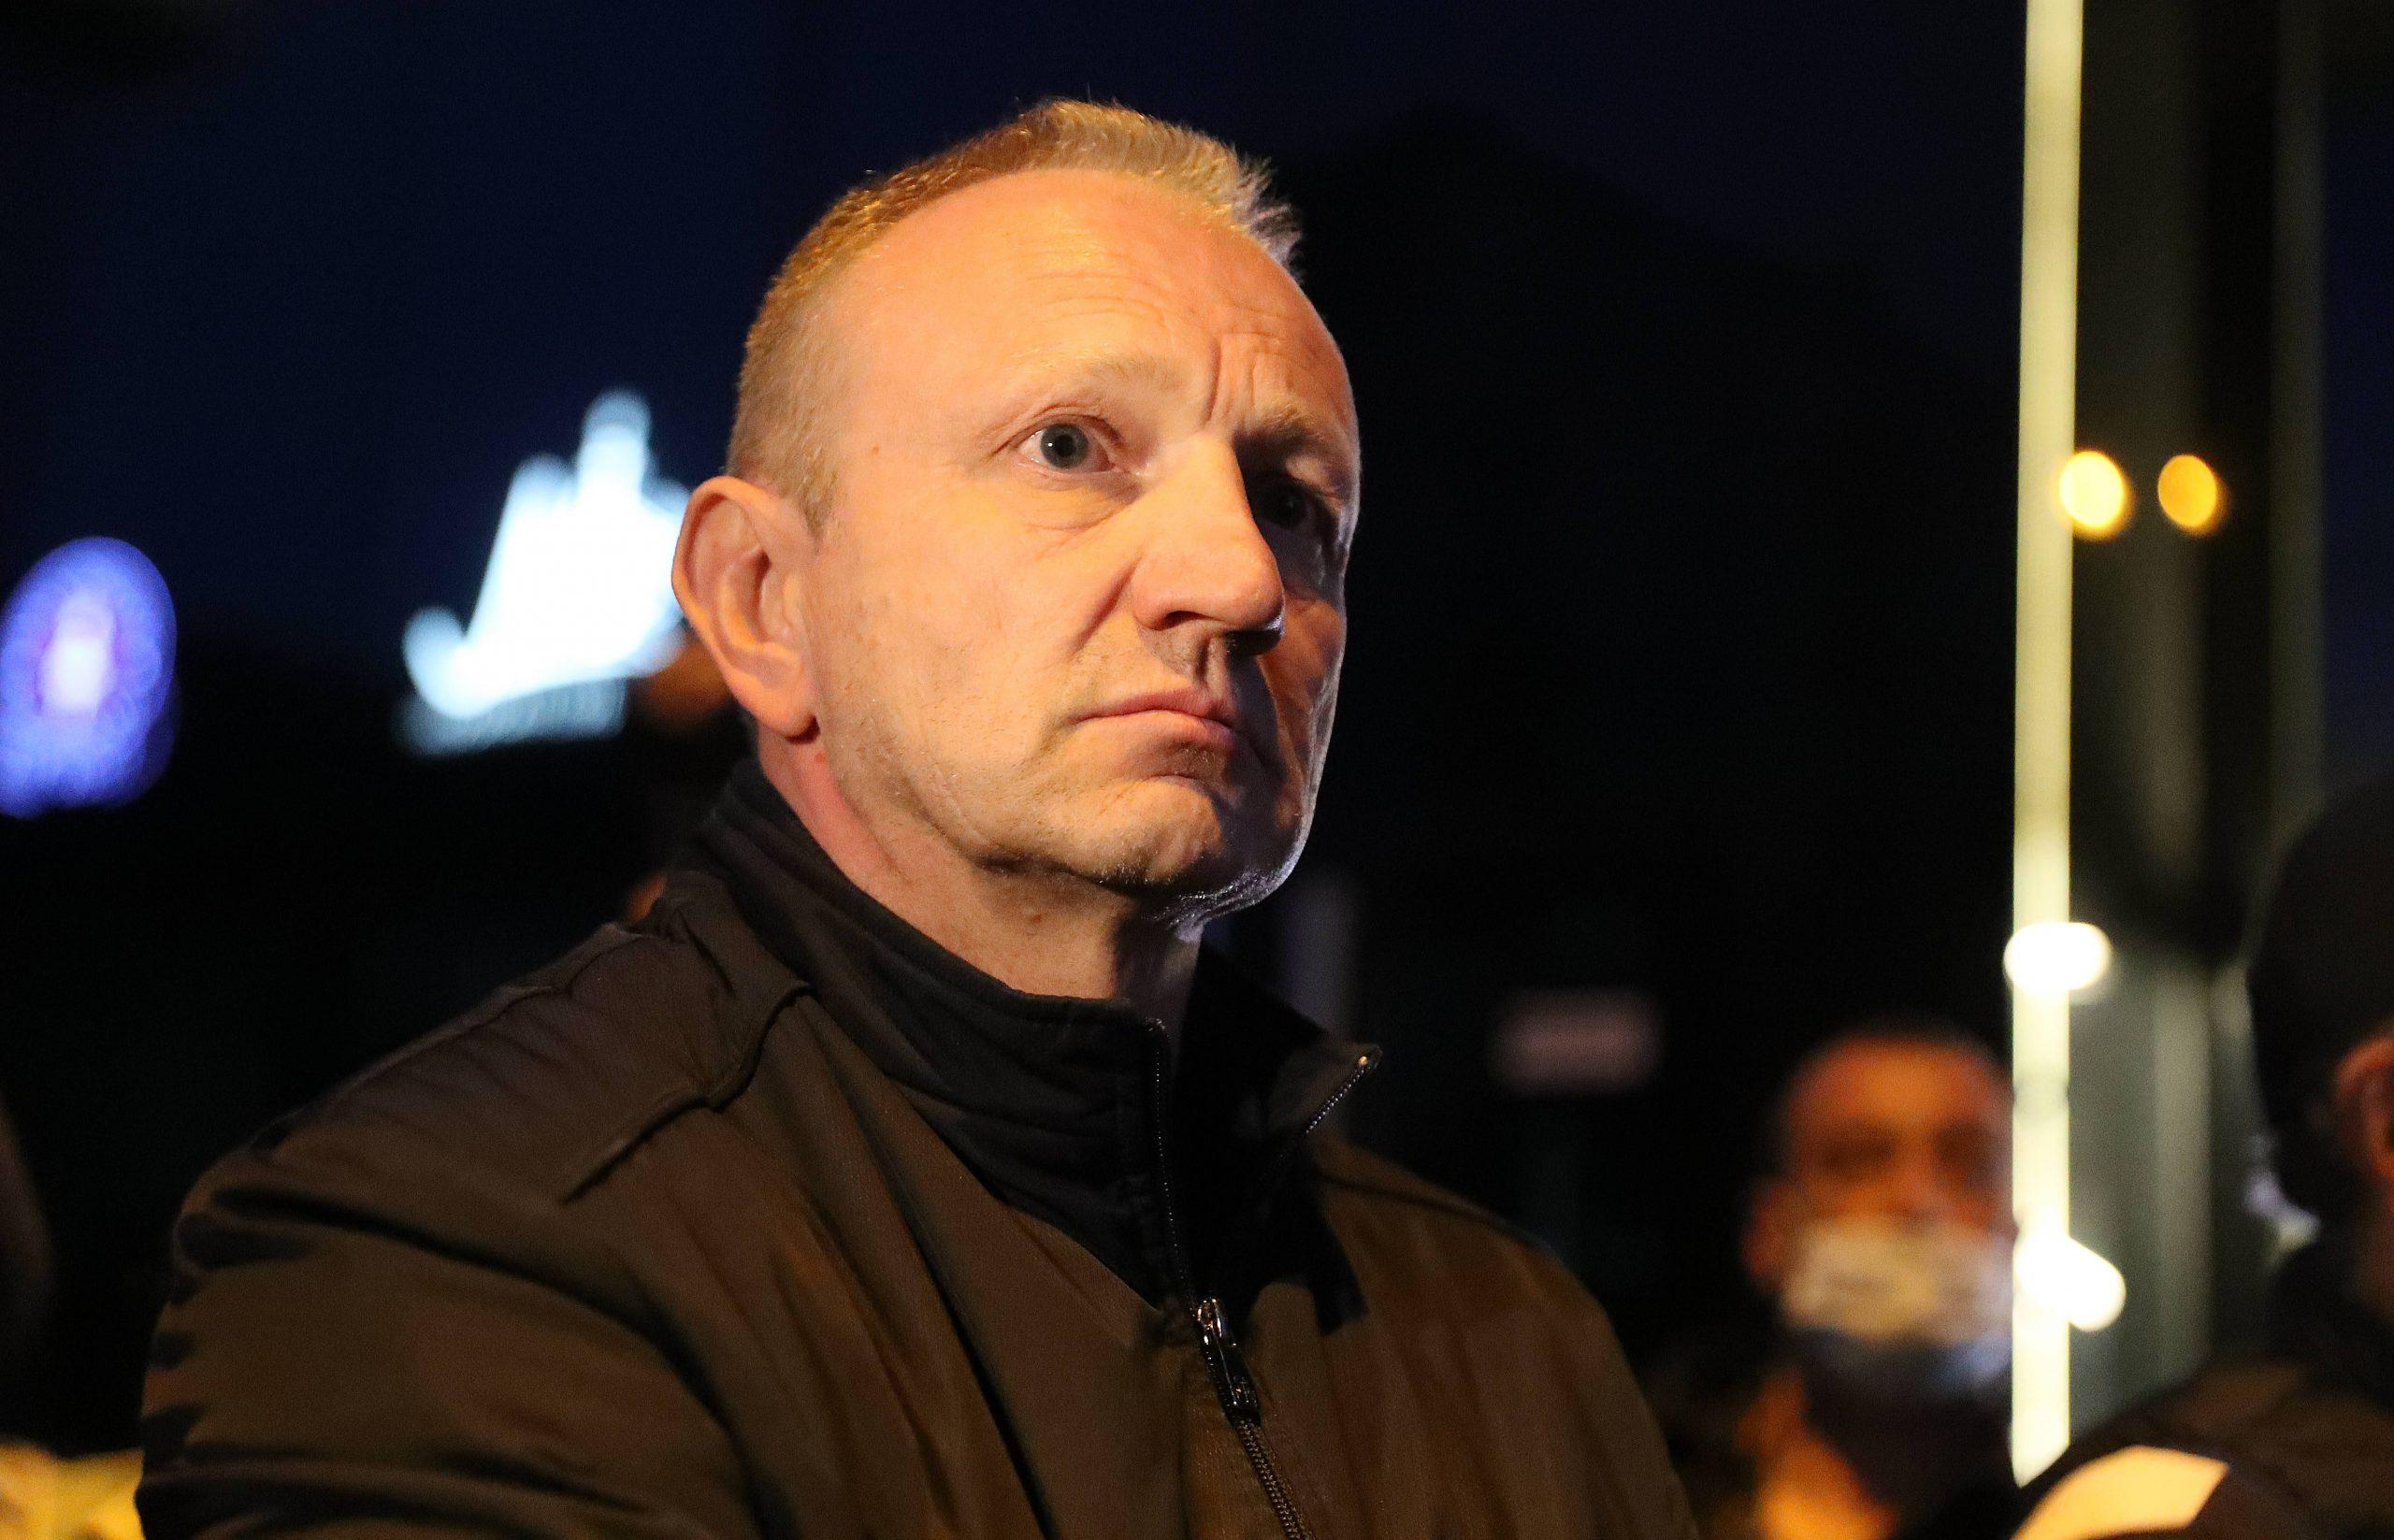 Đilas u otvorenom pismu: Vučić krivac za zaražene i umrle od korona virusa 1